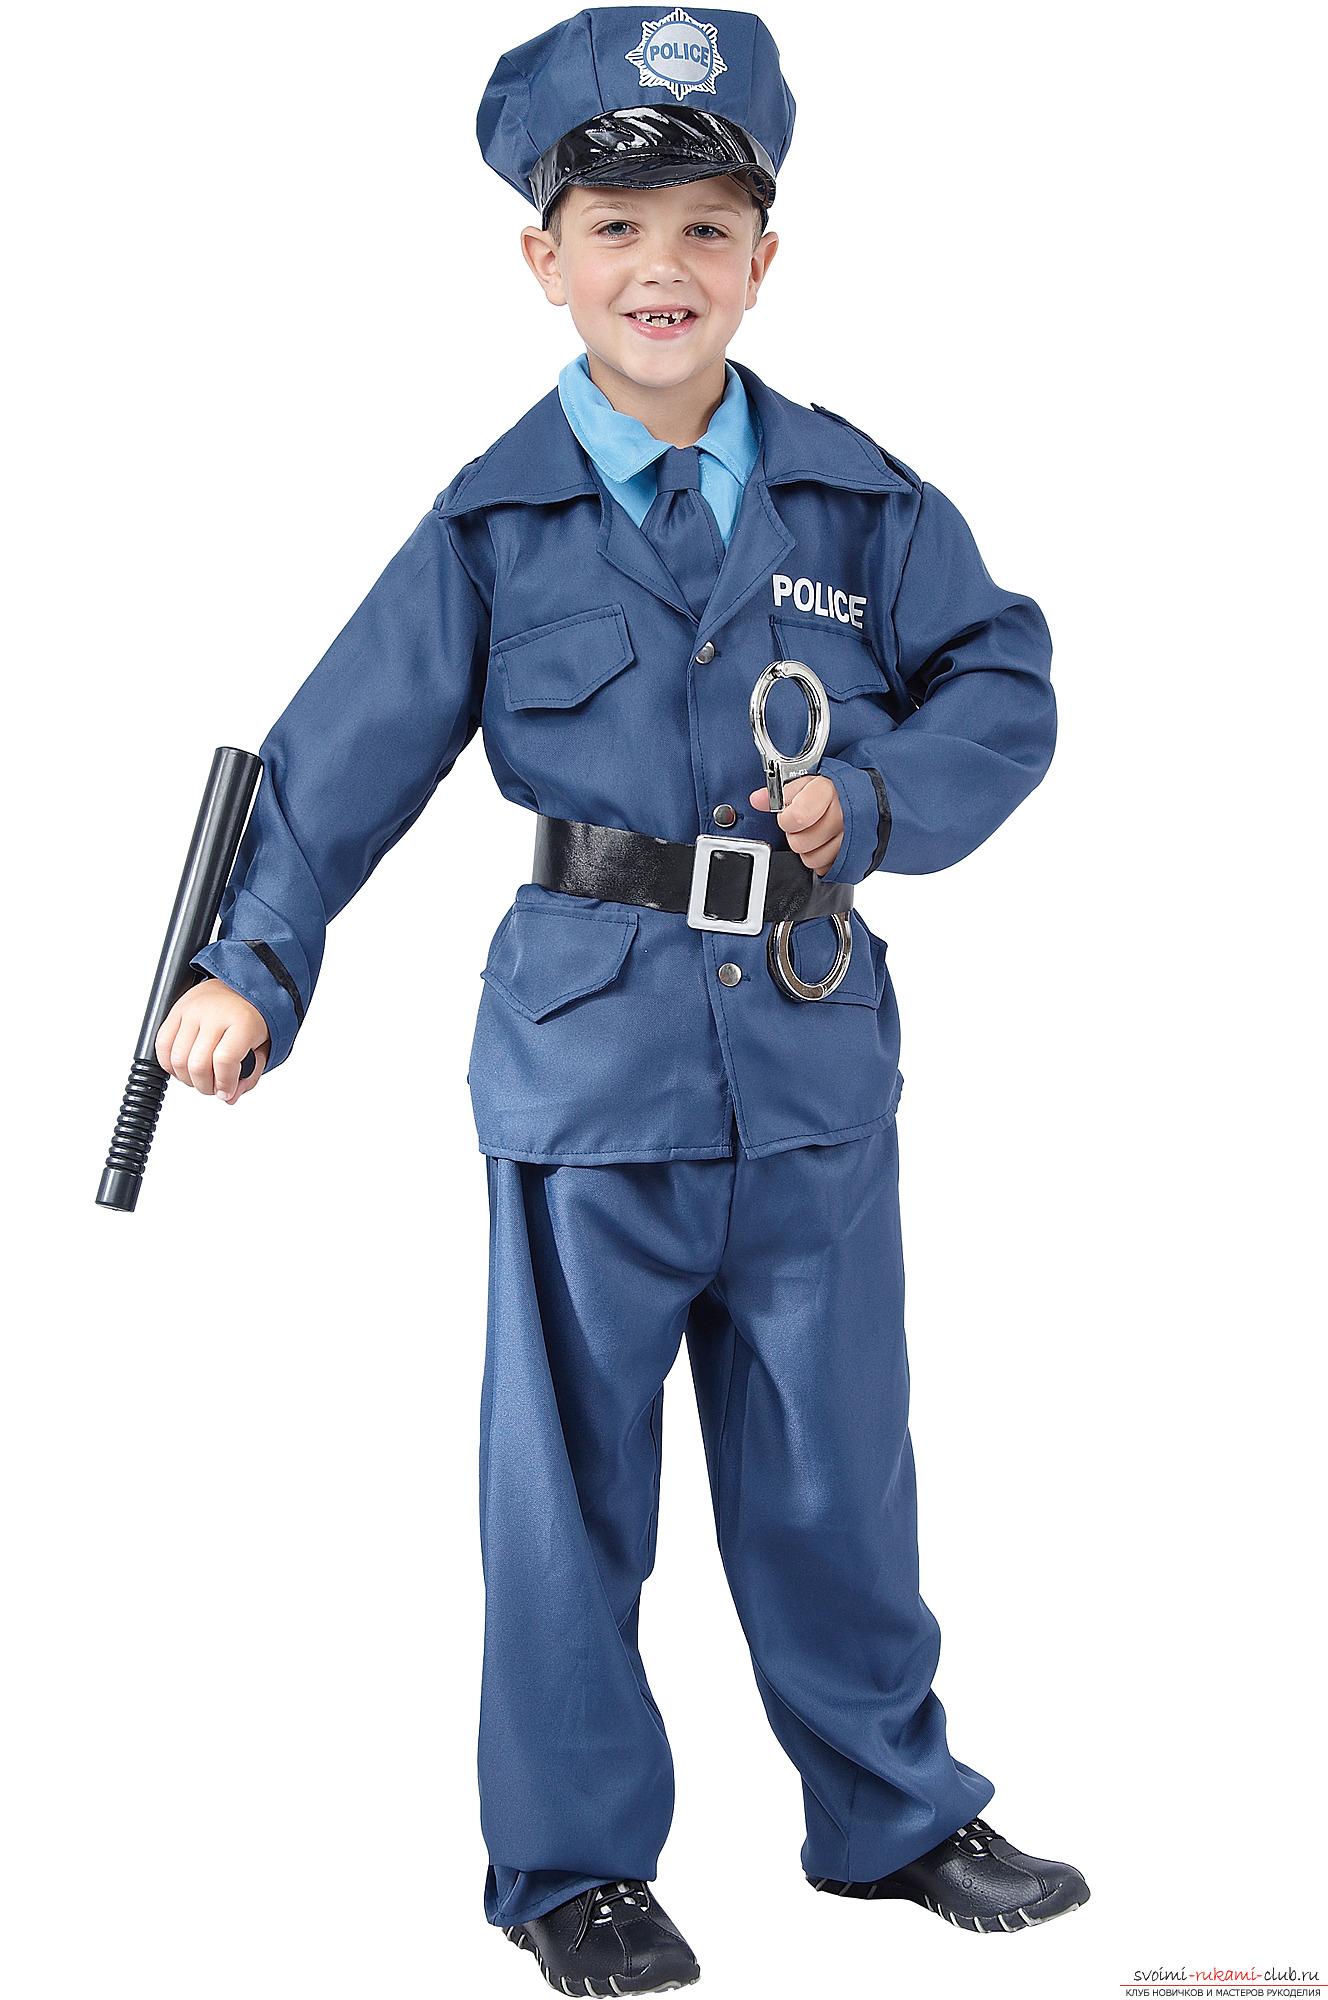 Как сделать костюм полицейского для мальчика